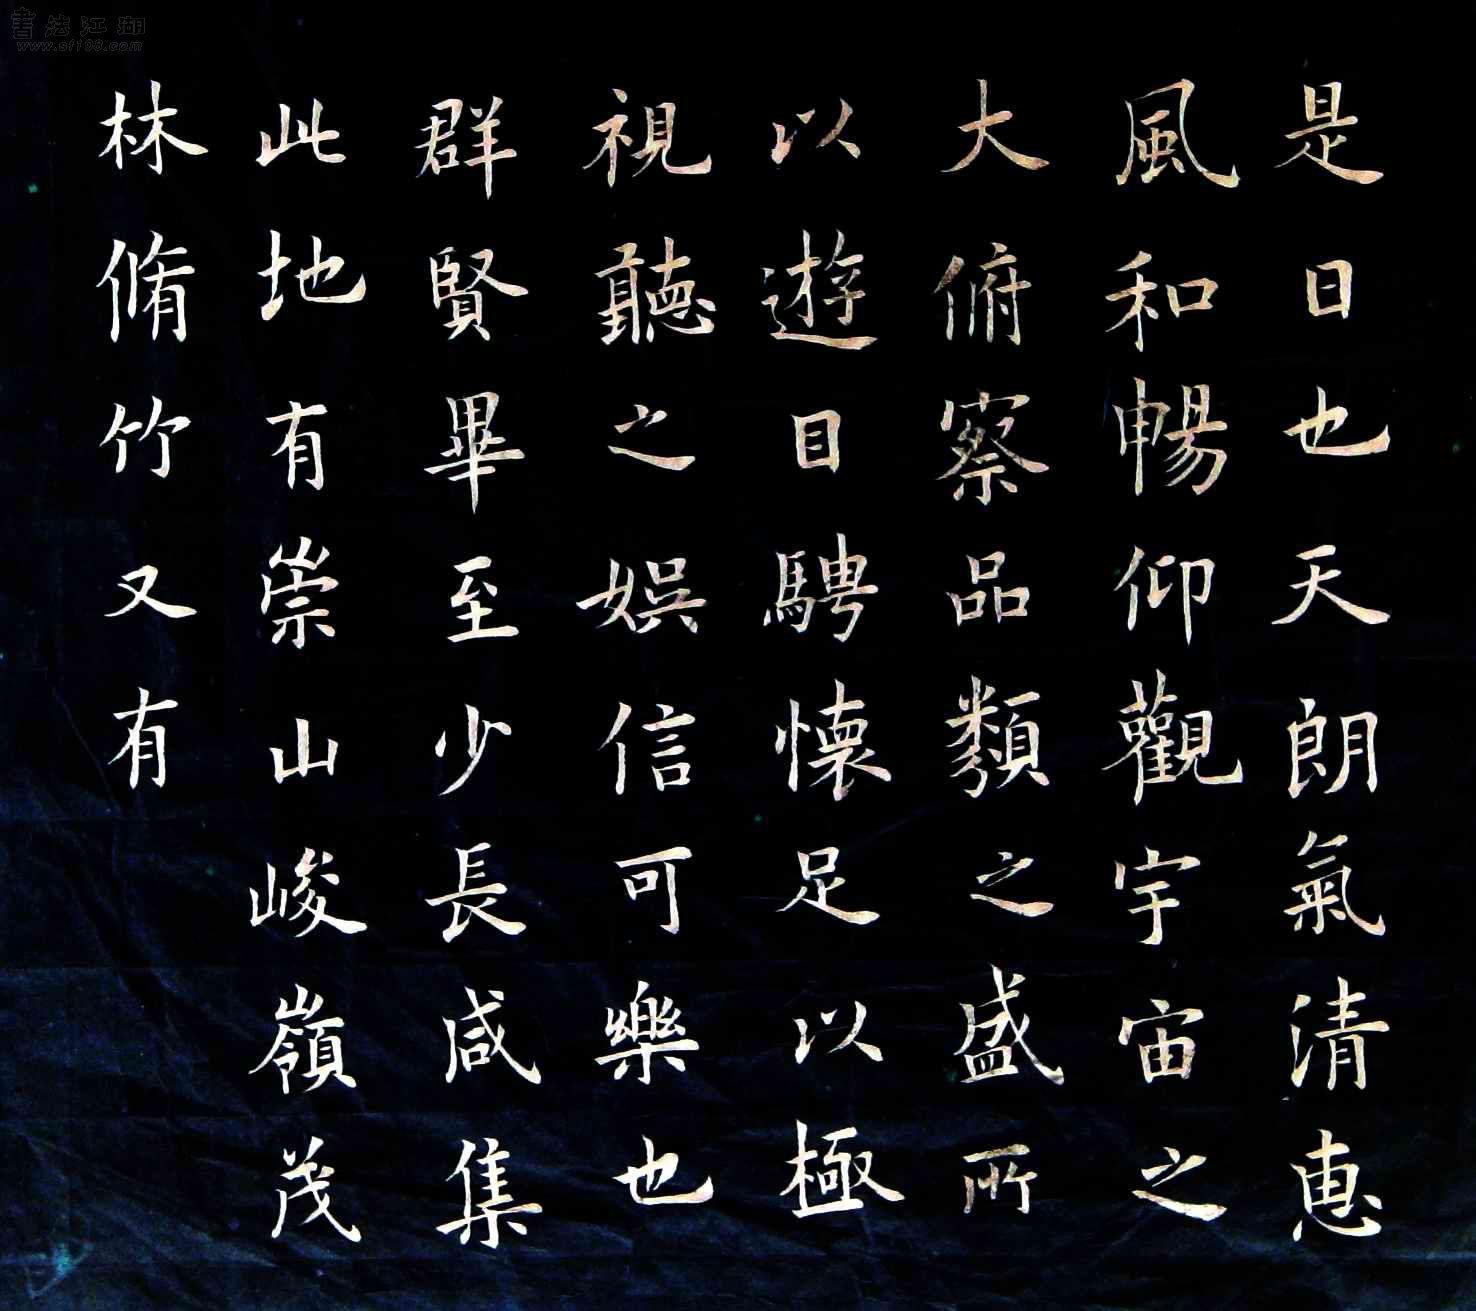 黑白欧体楷书---工《兰亭序》8行,恳求批评指正,欢迎评头品足.jpg